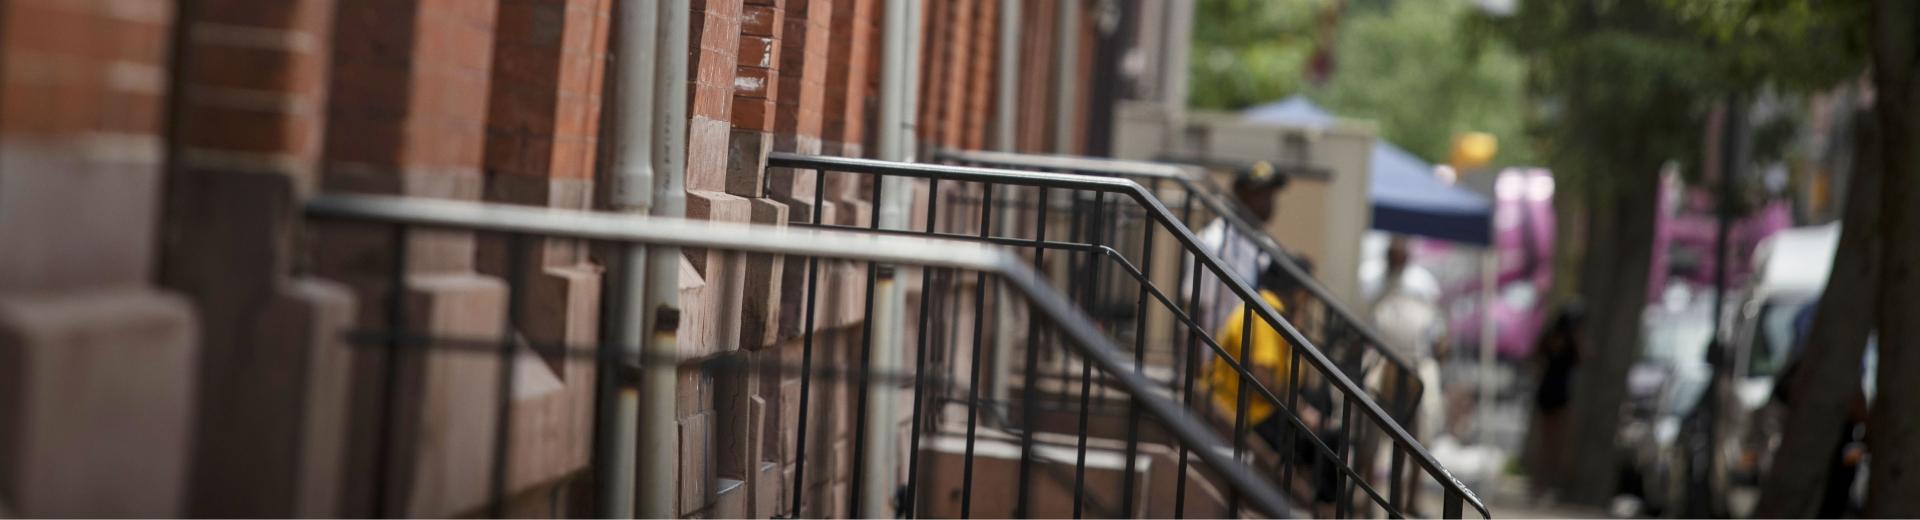 row of neighborhood stoops in Philadelphia